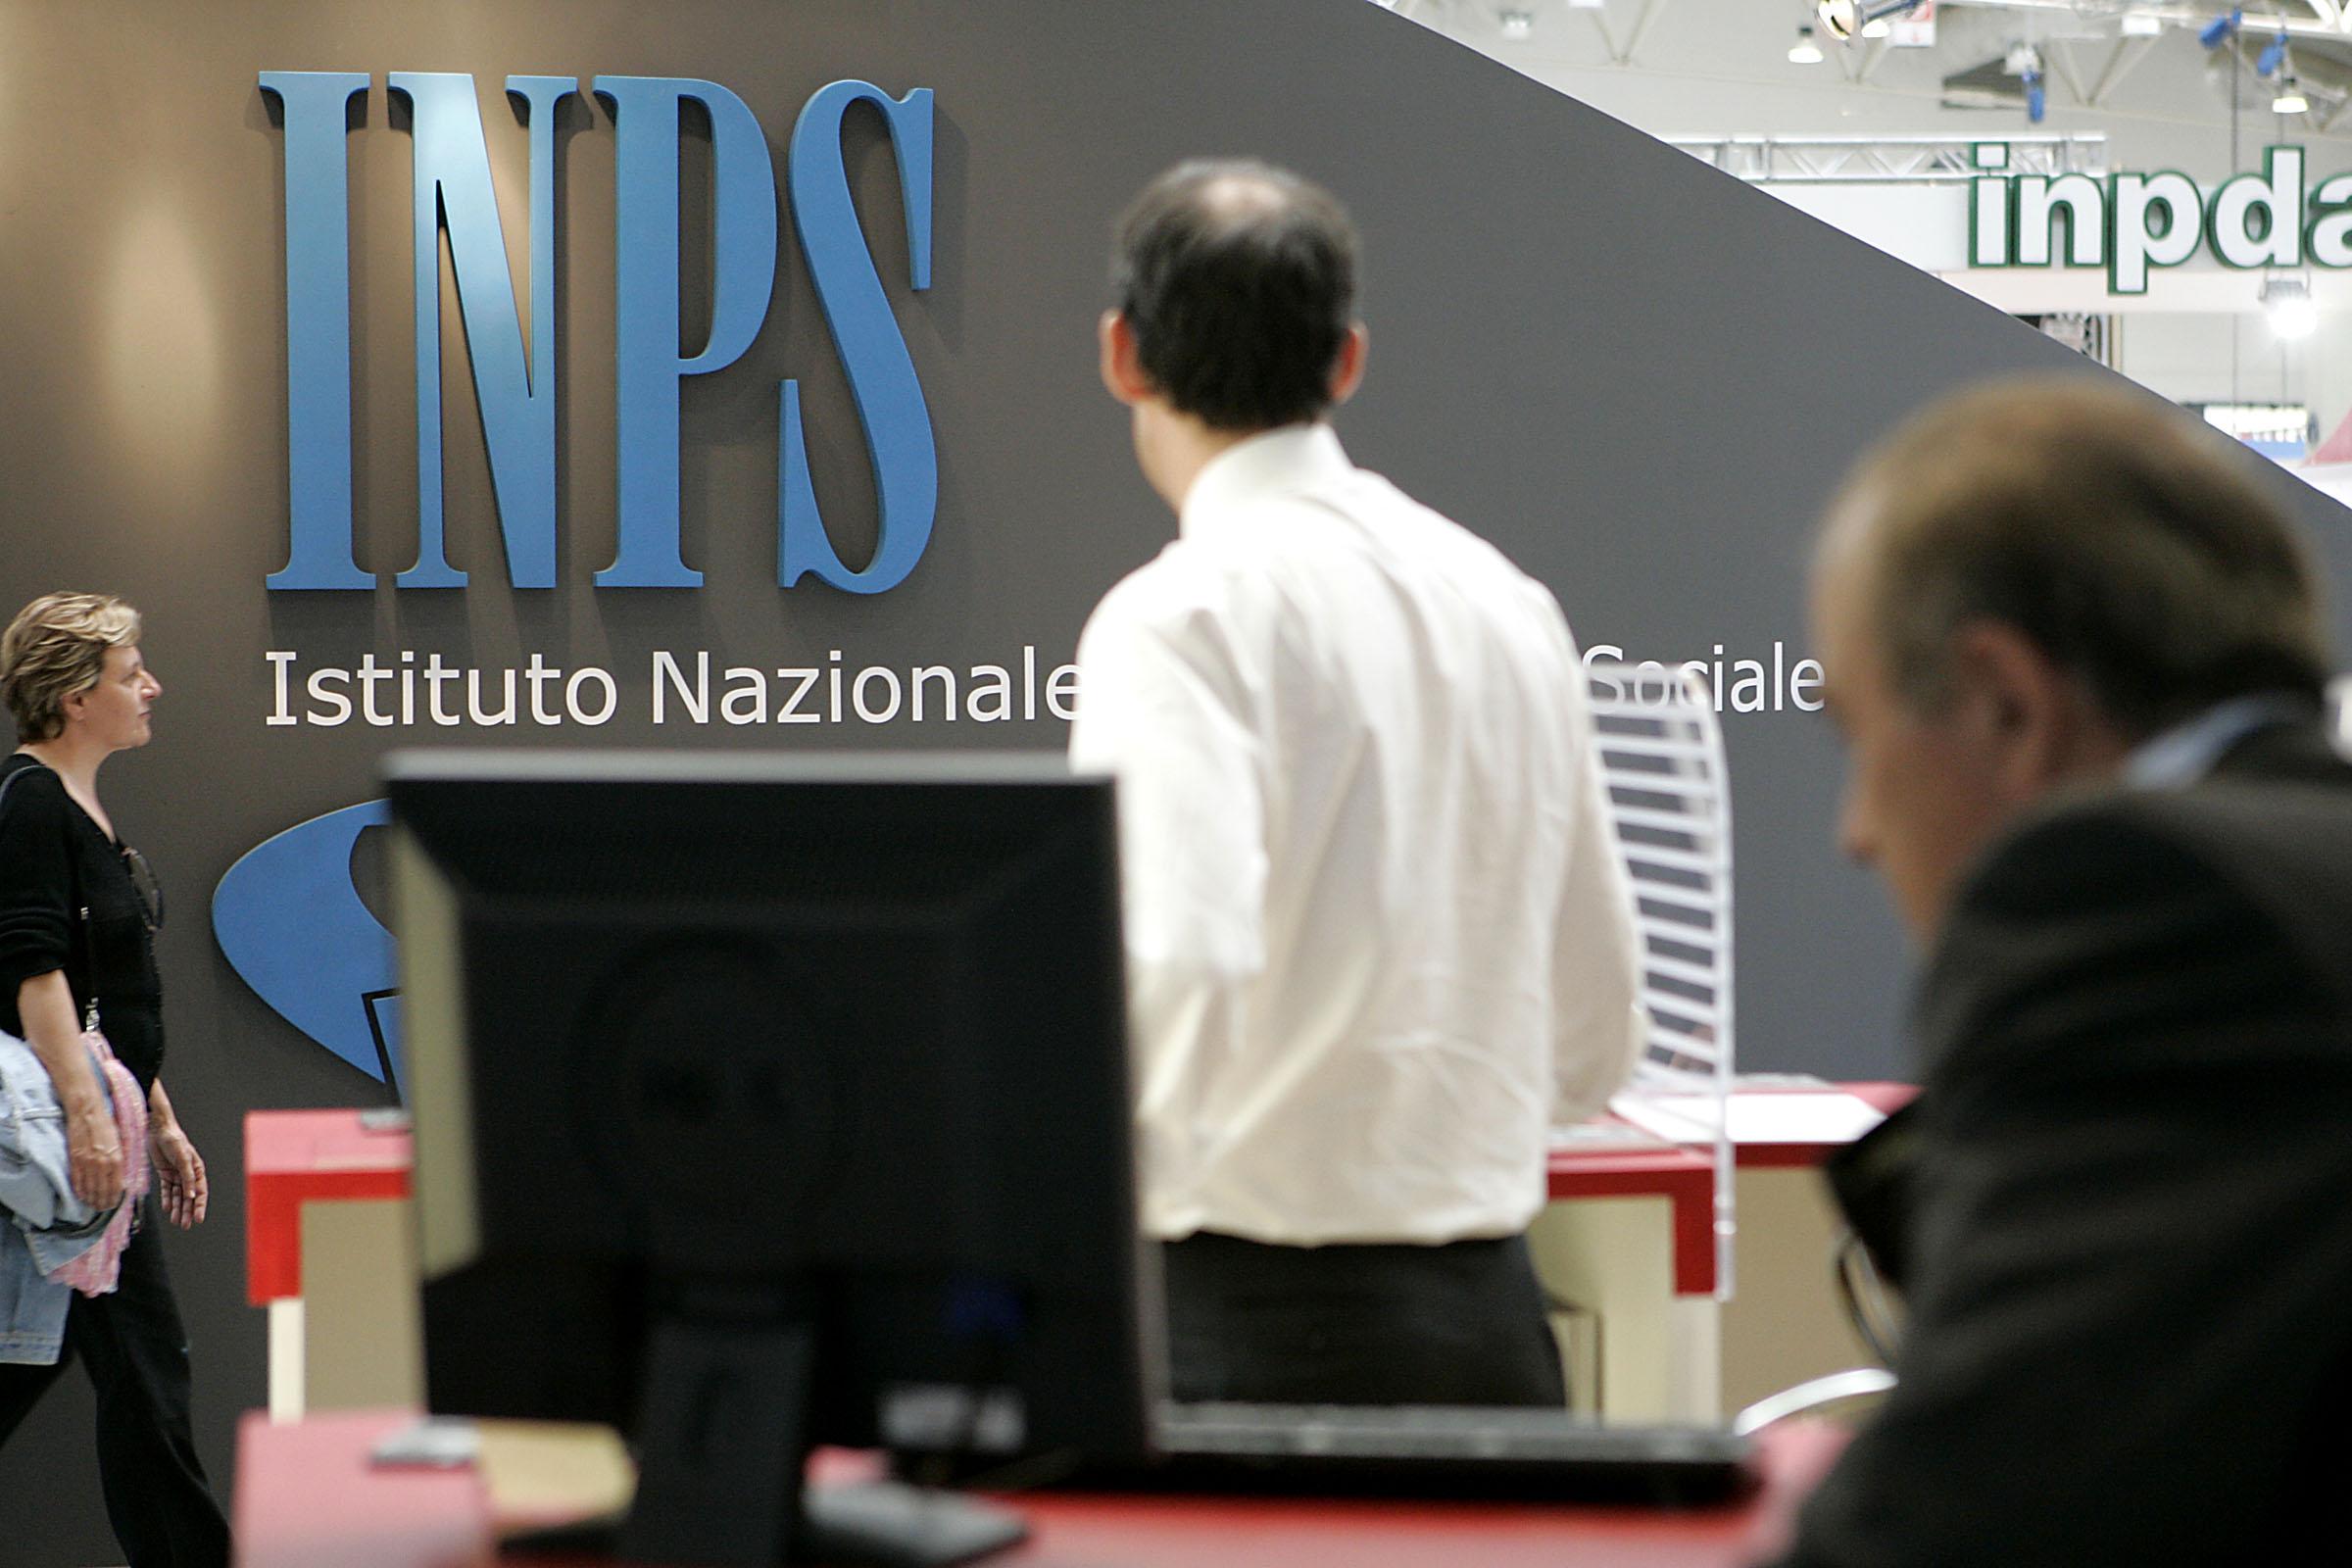 Pensione anticipata, il governo Renzi rivela i costi